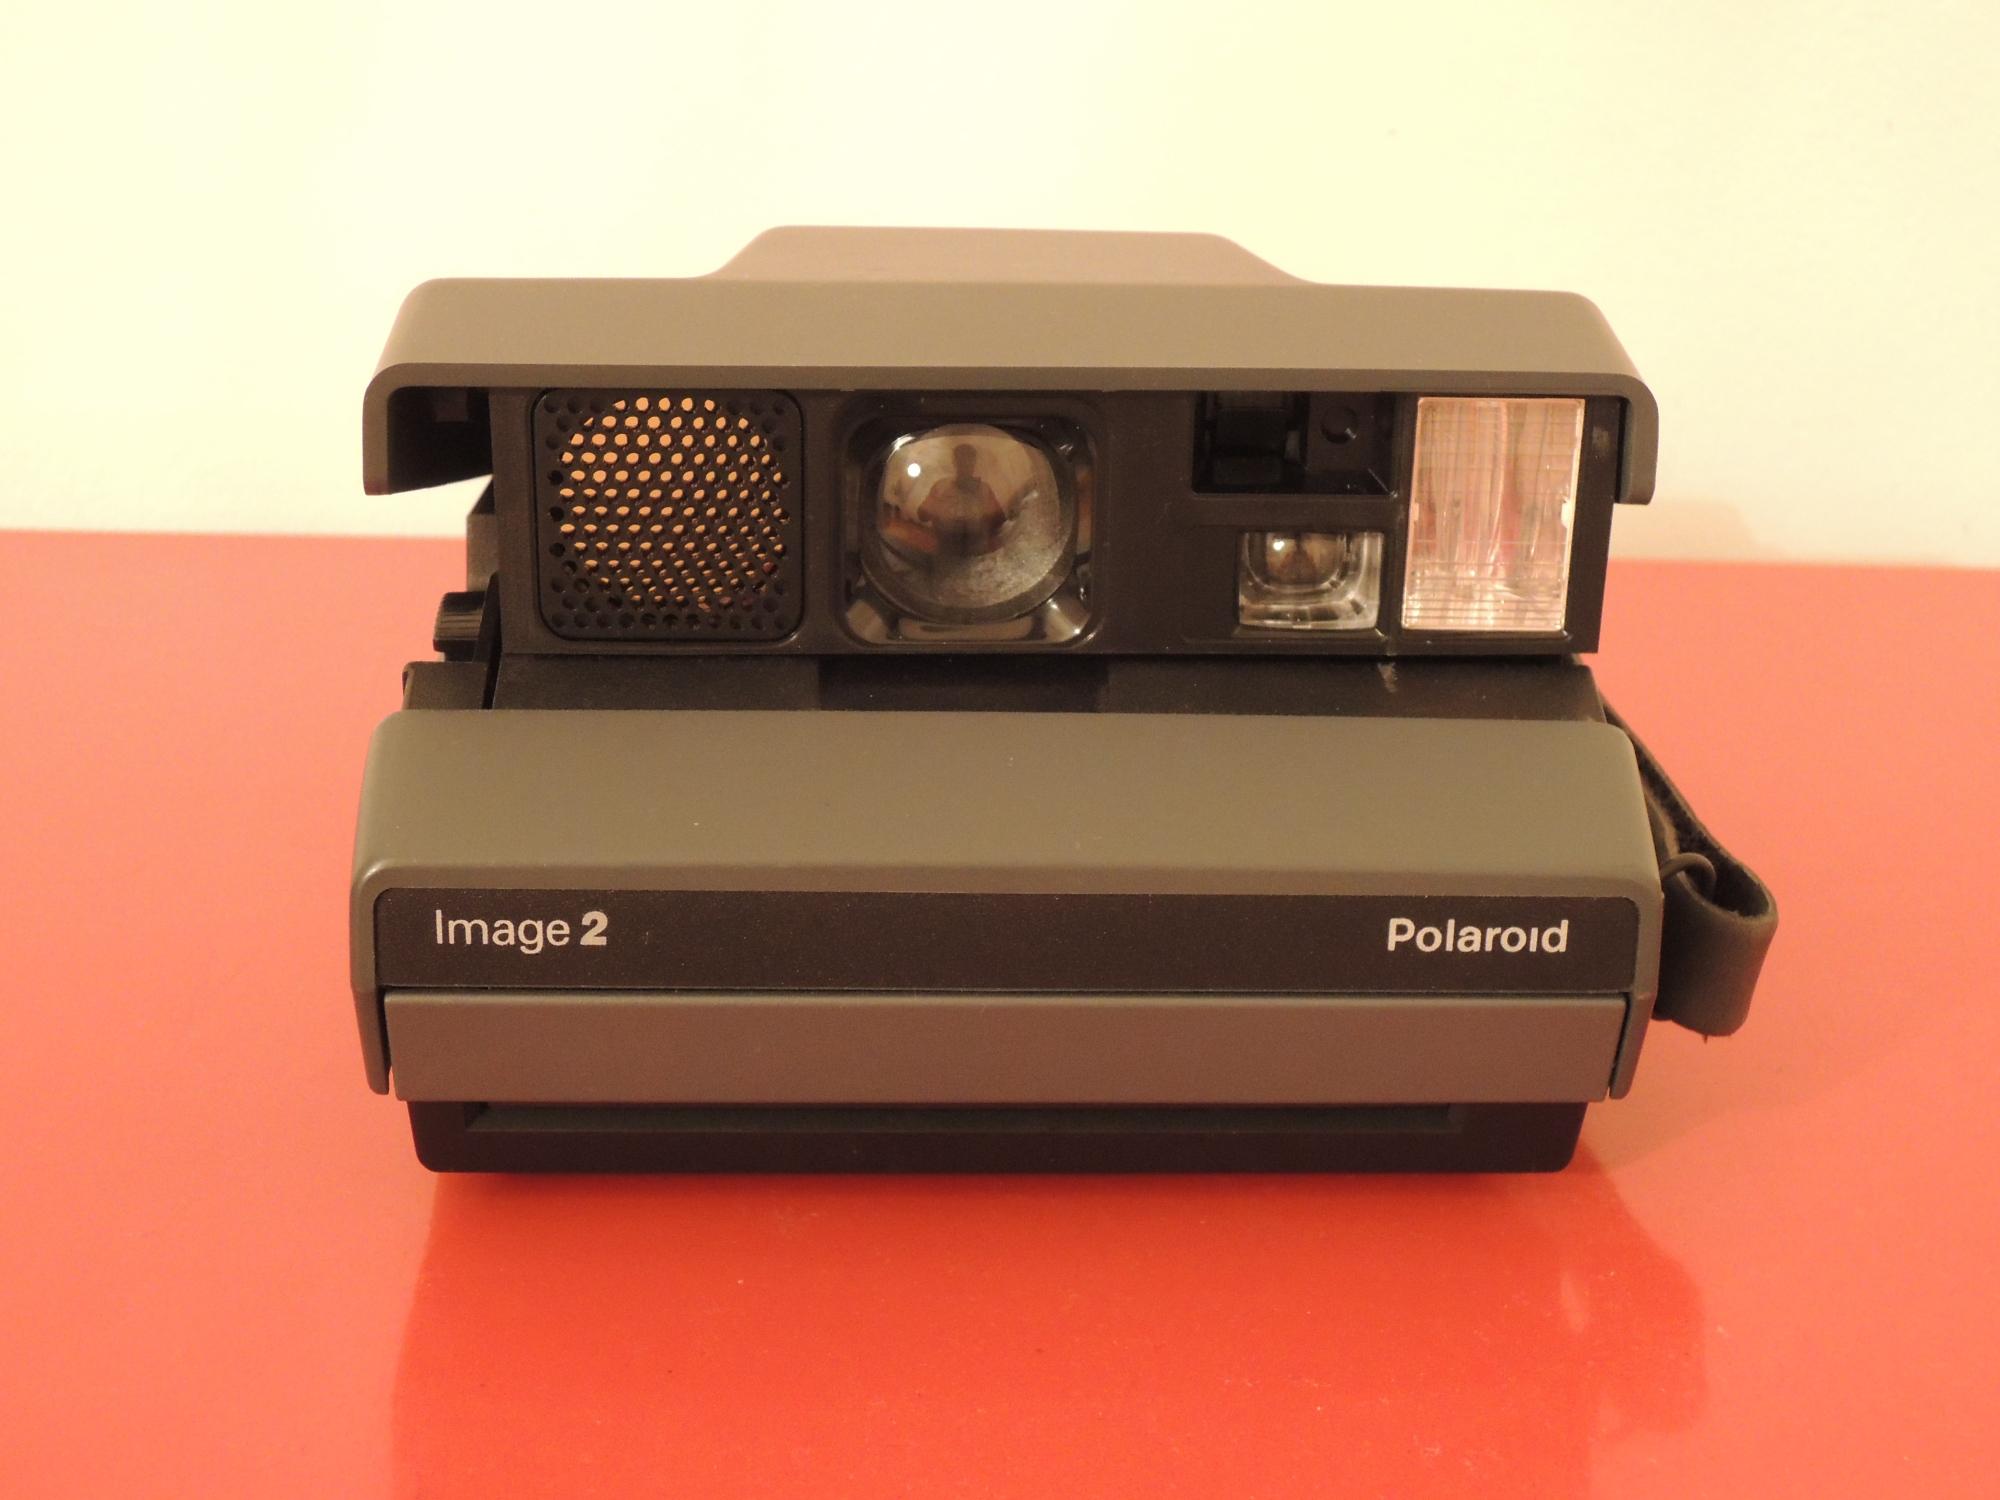 Polaroid Image 2 / Spectra 2